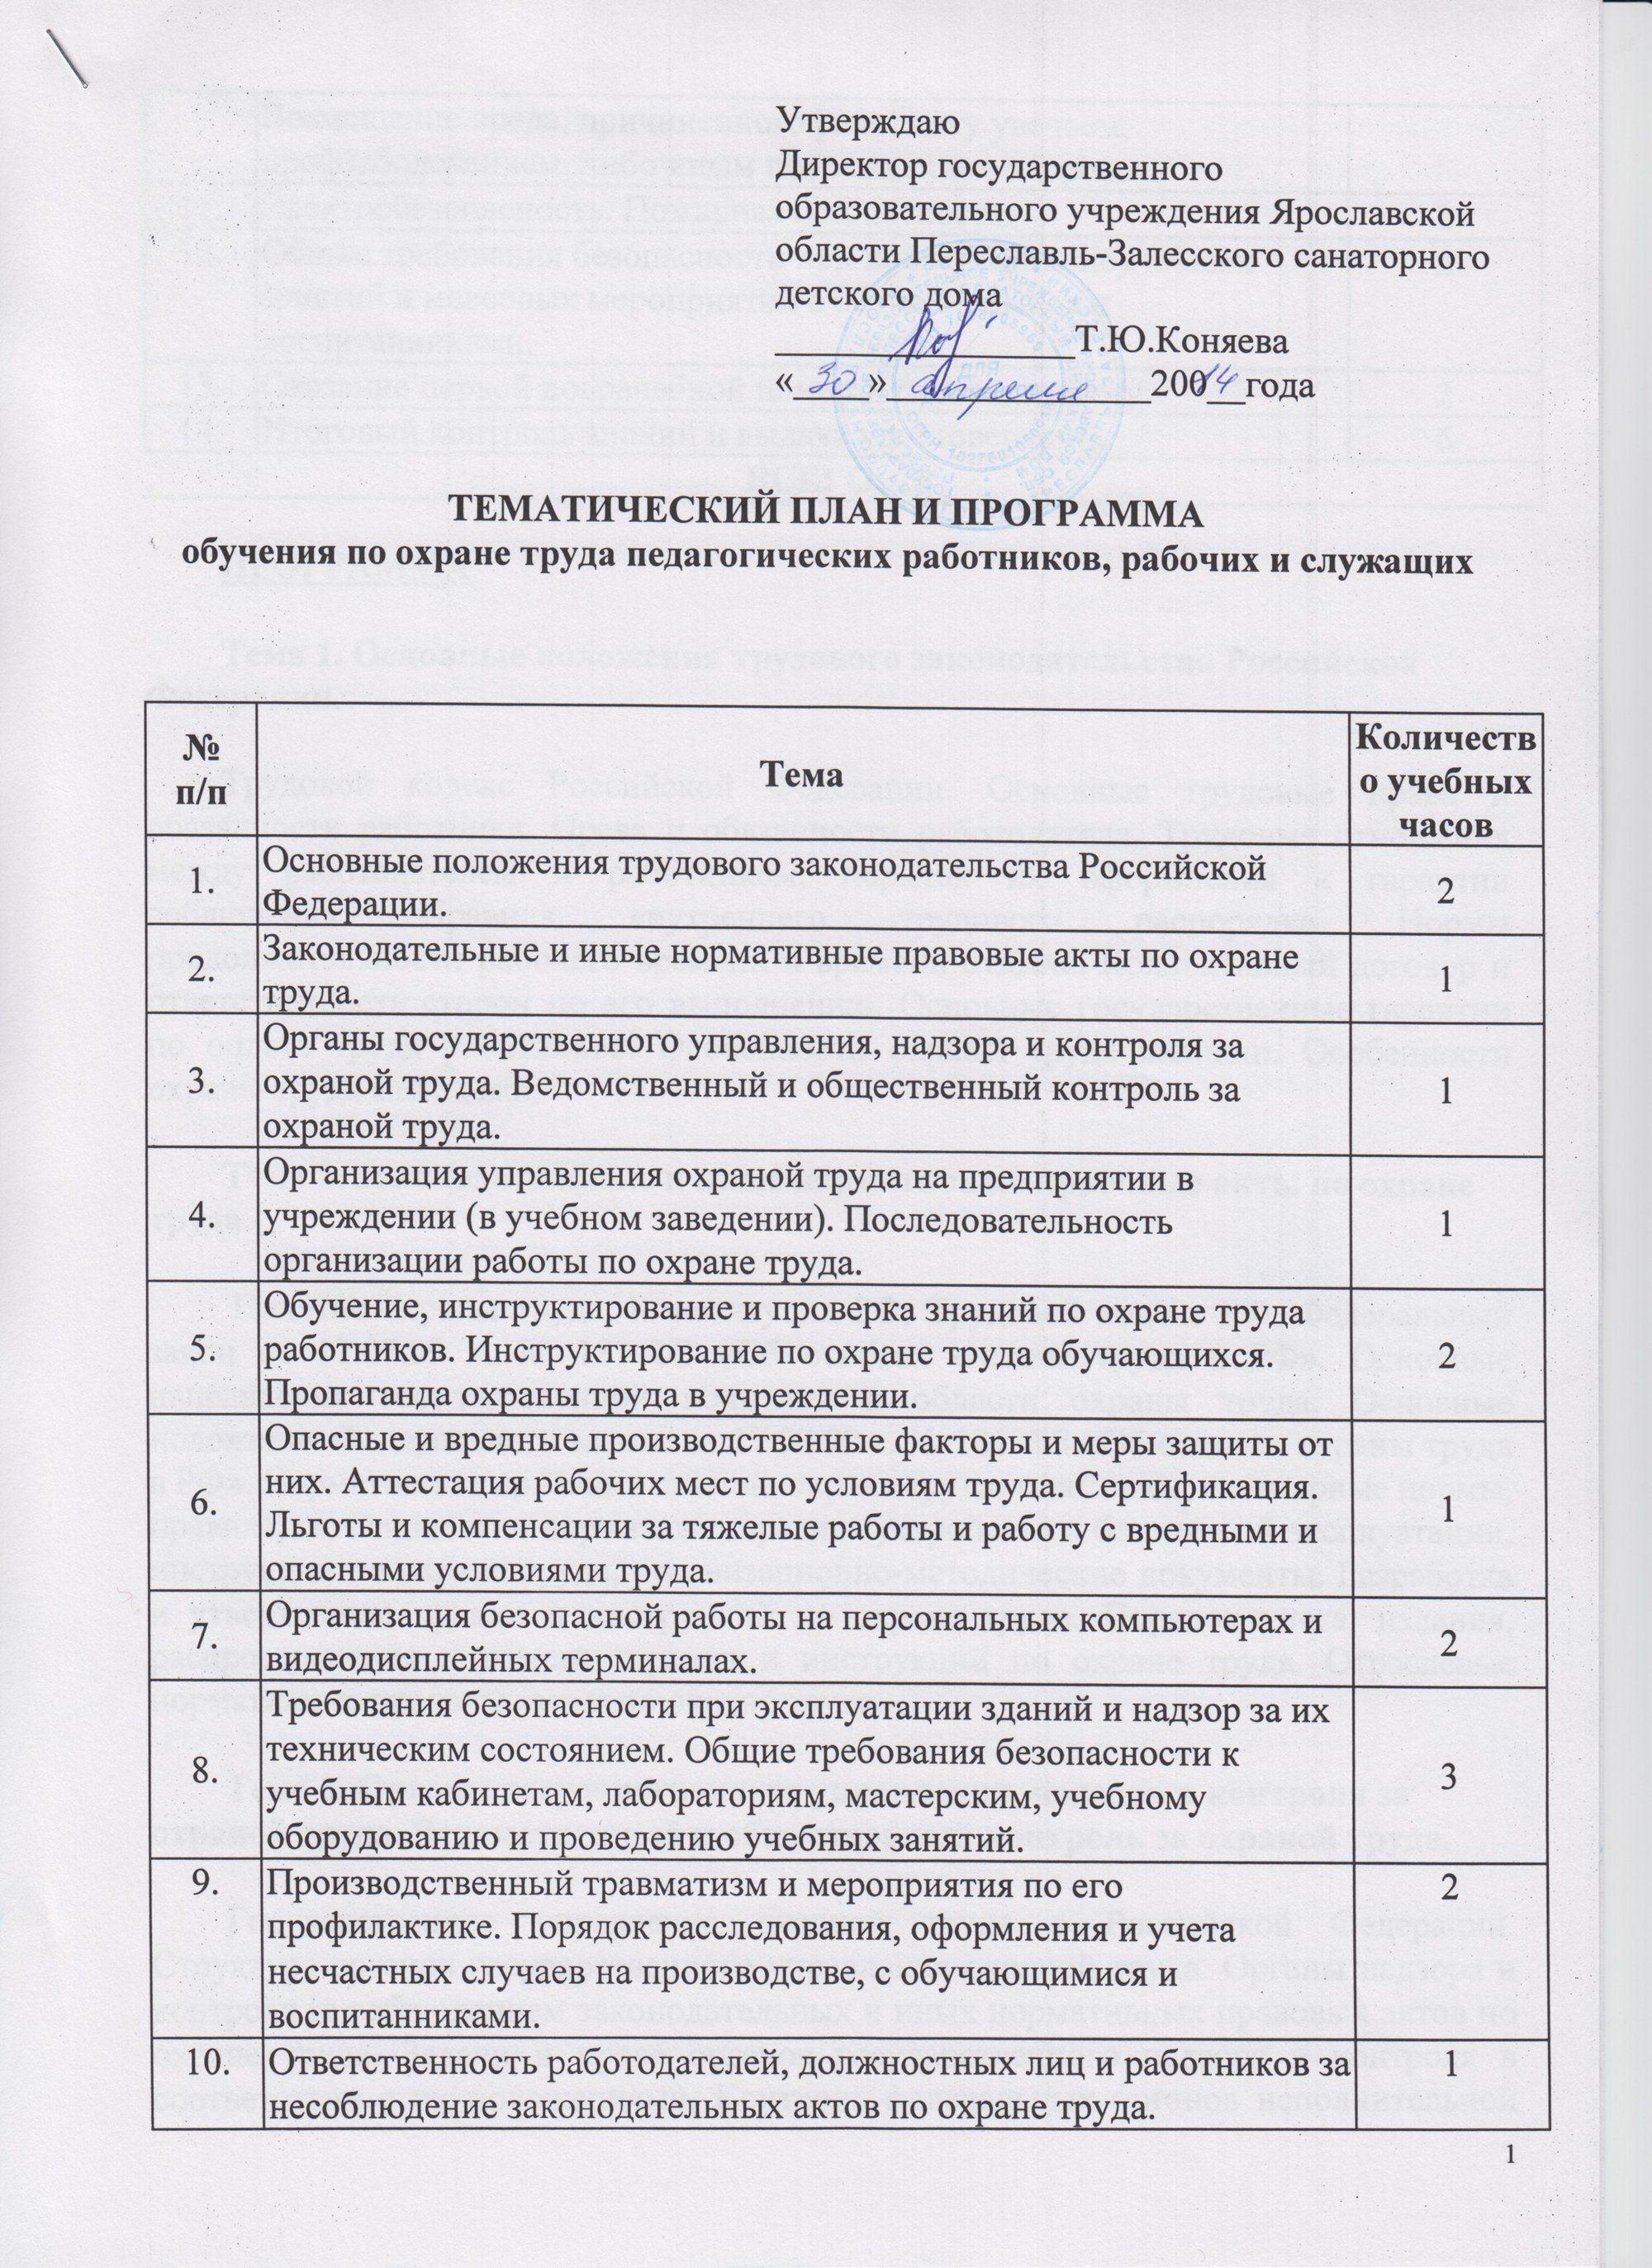 Федченко литвиненко 9 класс тематические